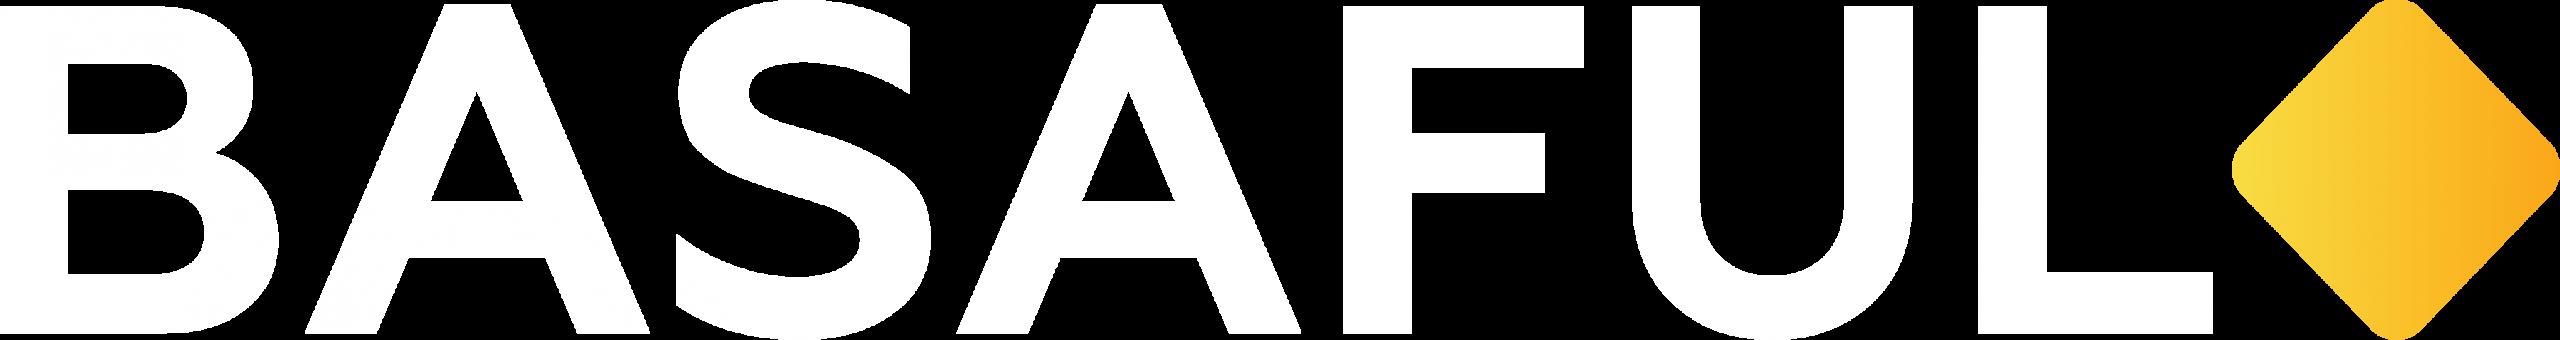 basaful logo